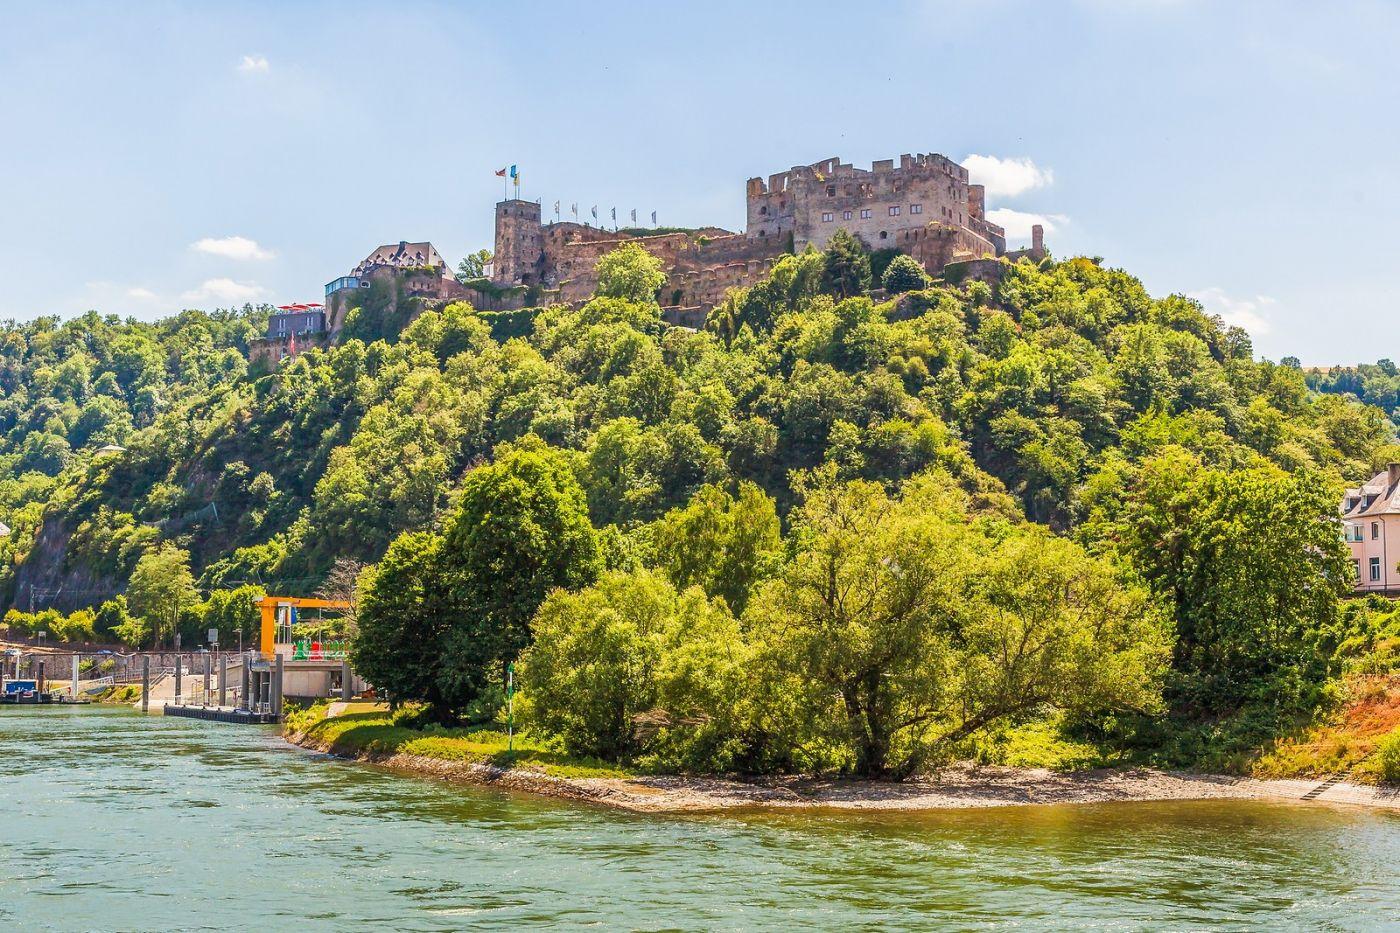 畅游莱茵河,山腰间的城堡_图1-9